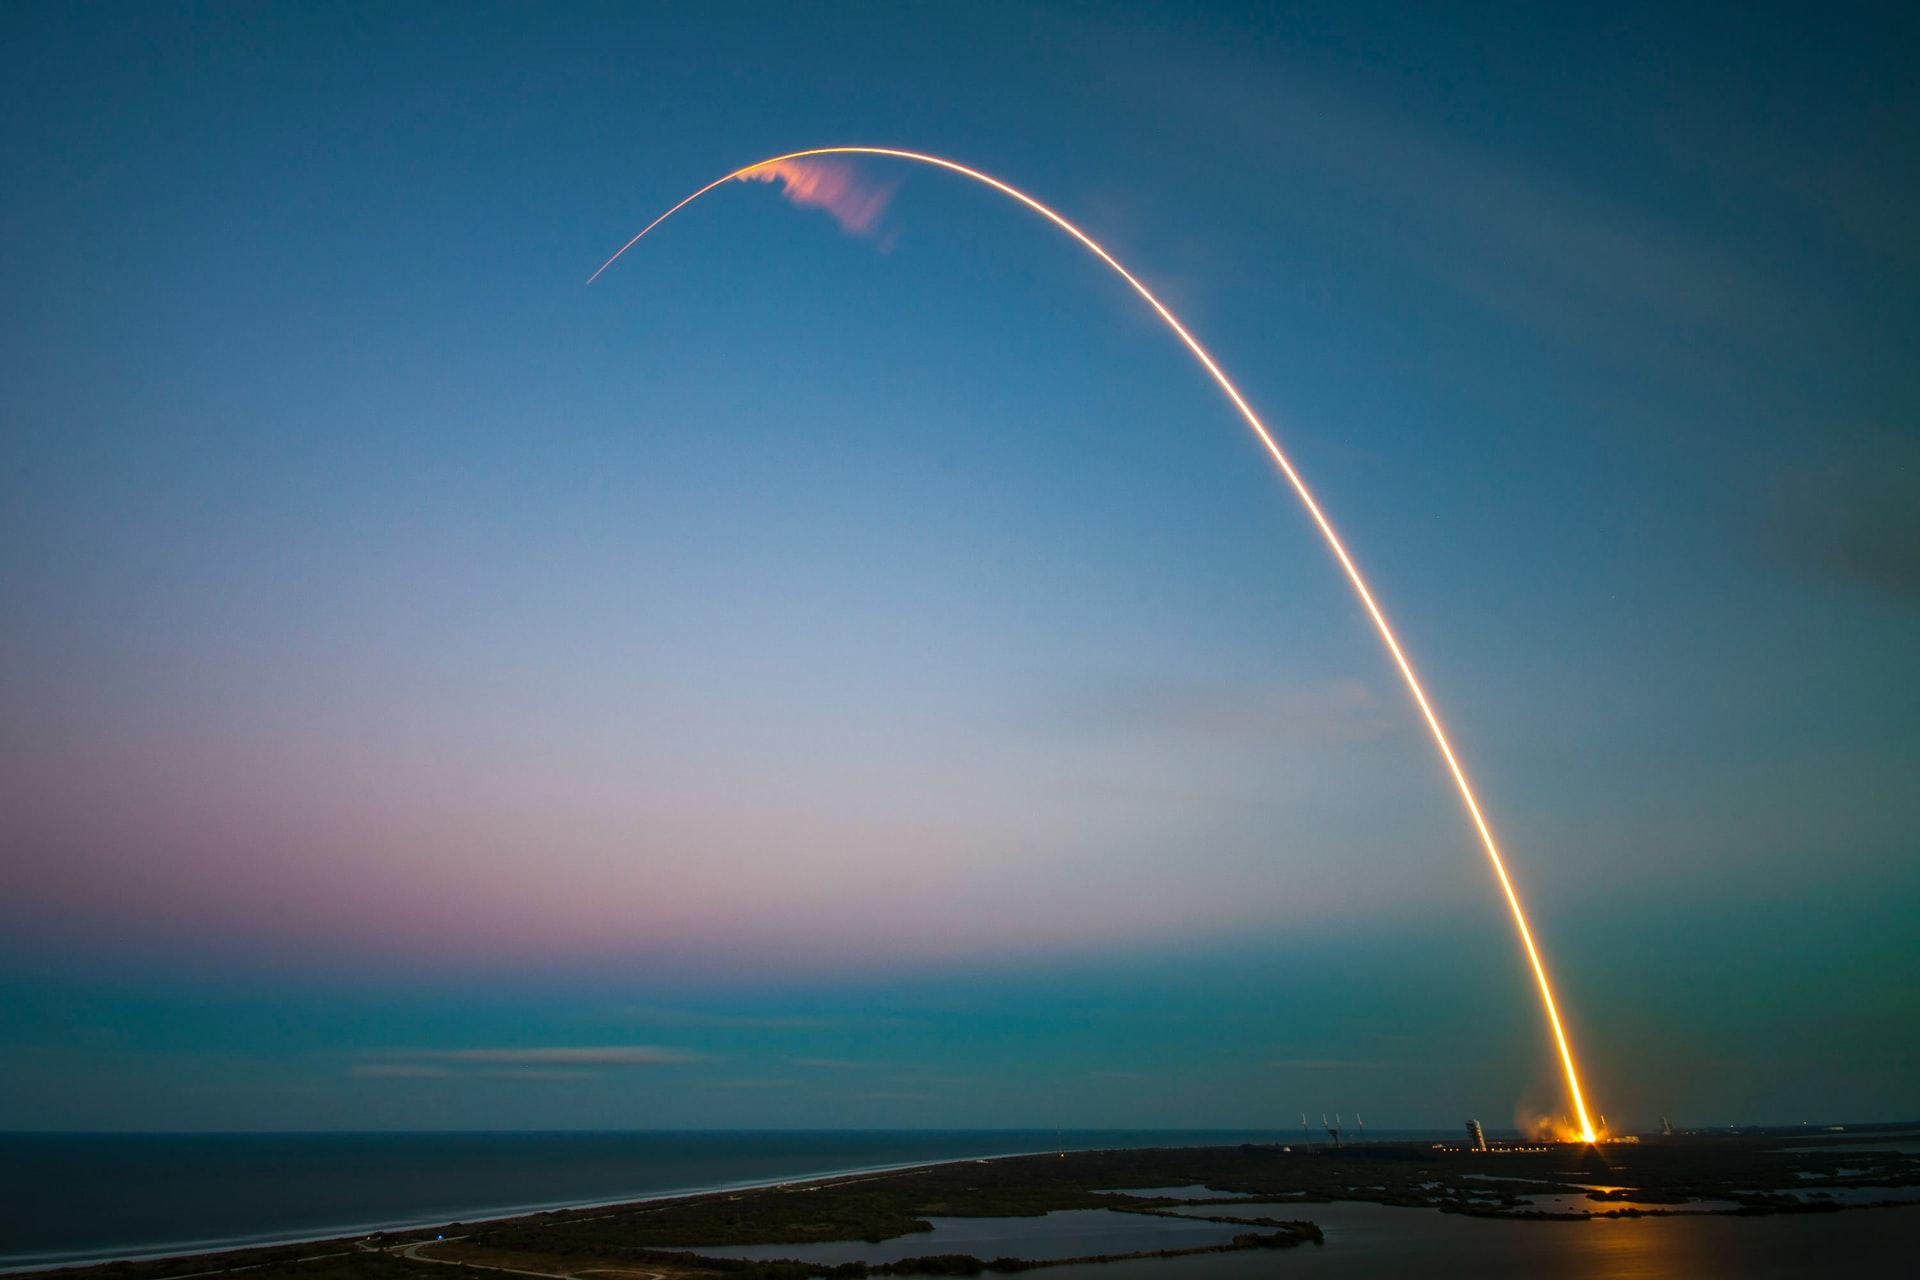 Zukunftsfeindlich oder zukunftsfreundlich - Cape Canaveral Air Force Station, United States (Foto: SpaceX, Unsplash.com)